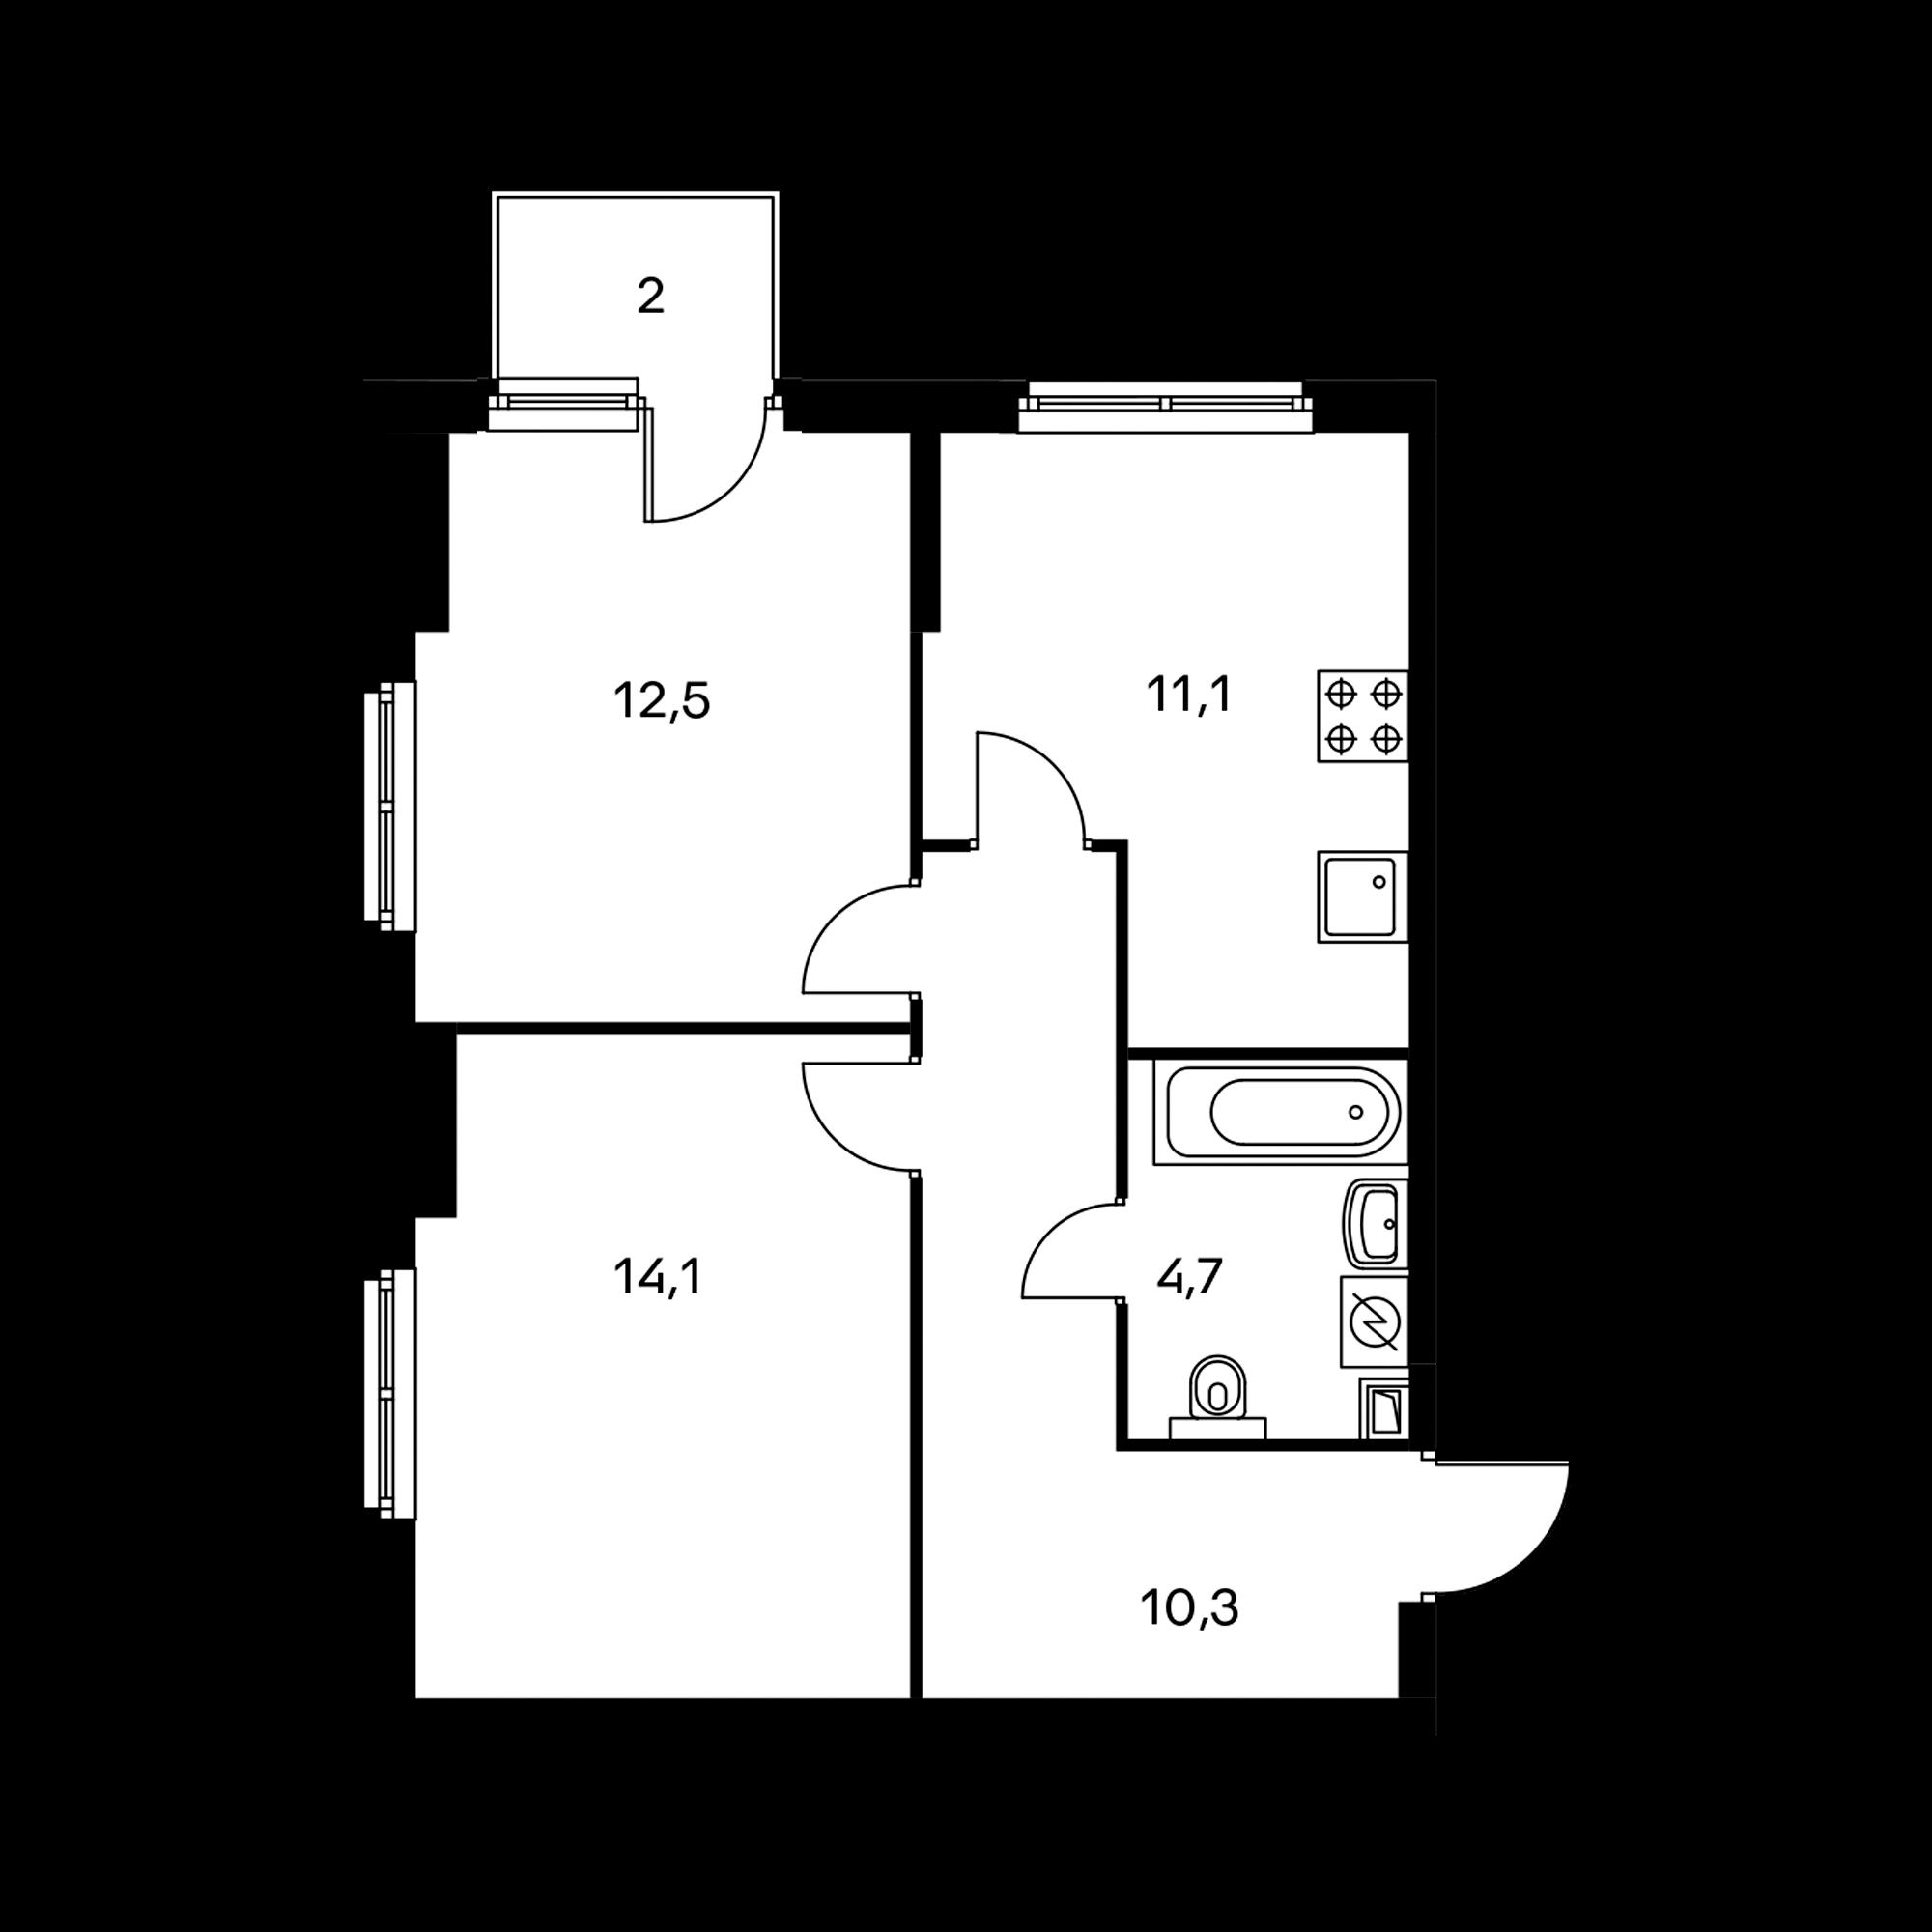 2KS2_6.6-2B2